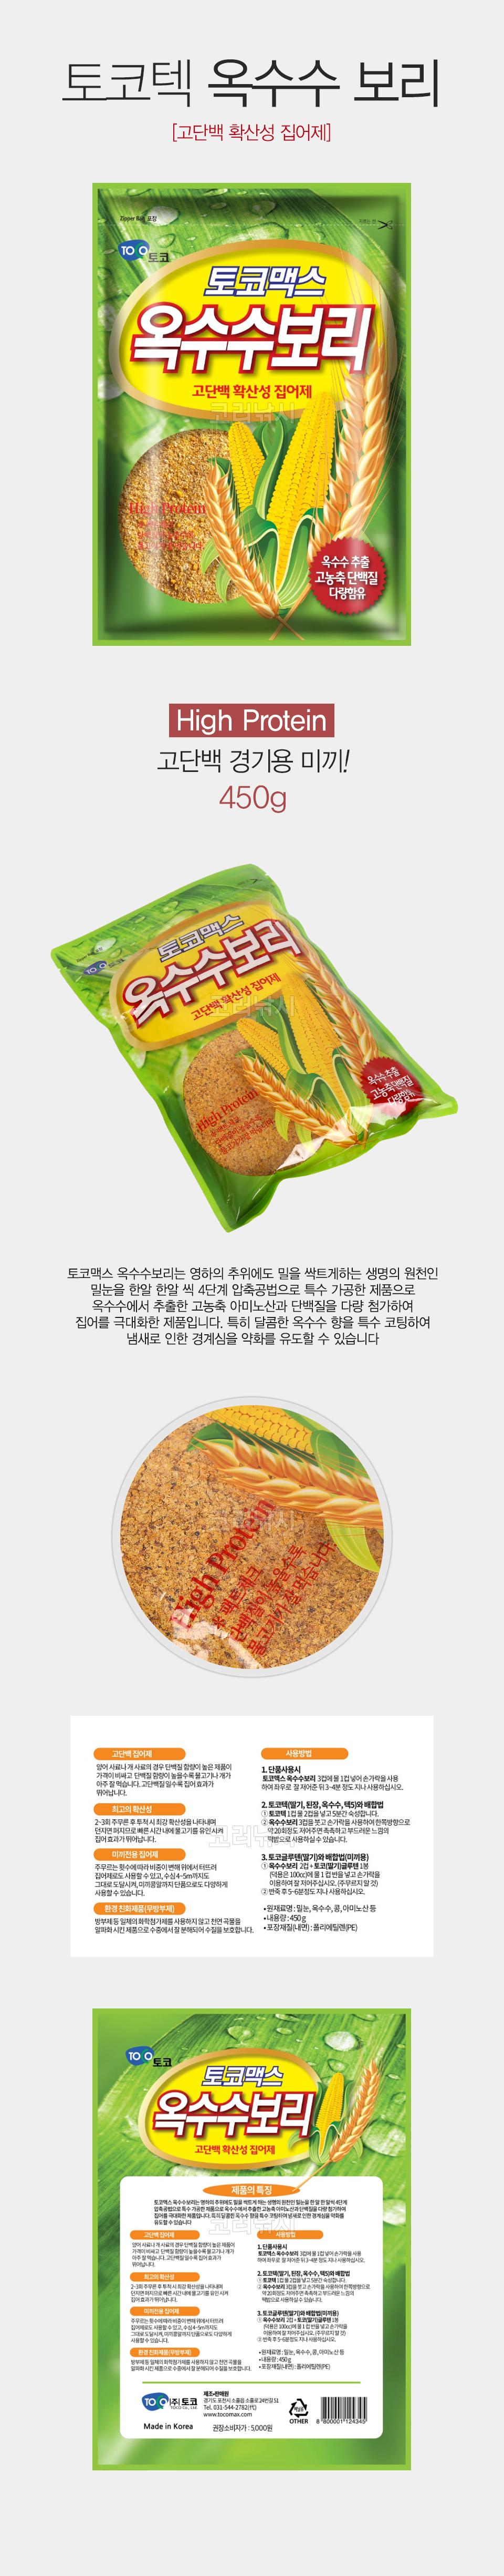 토코 옥수수 보리 토코 옥수수보리 옥수수 토코옥수수 옥수수떡밥 민물떡밥 떡밥 붕어떡밥 보리